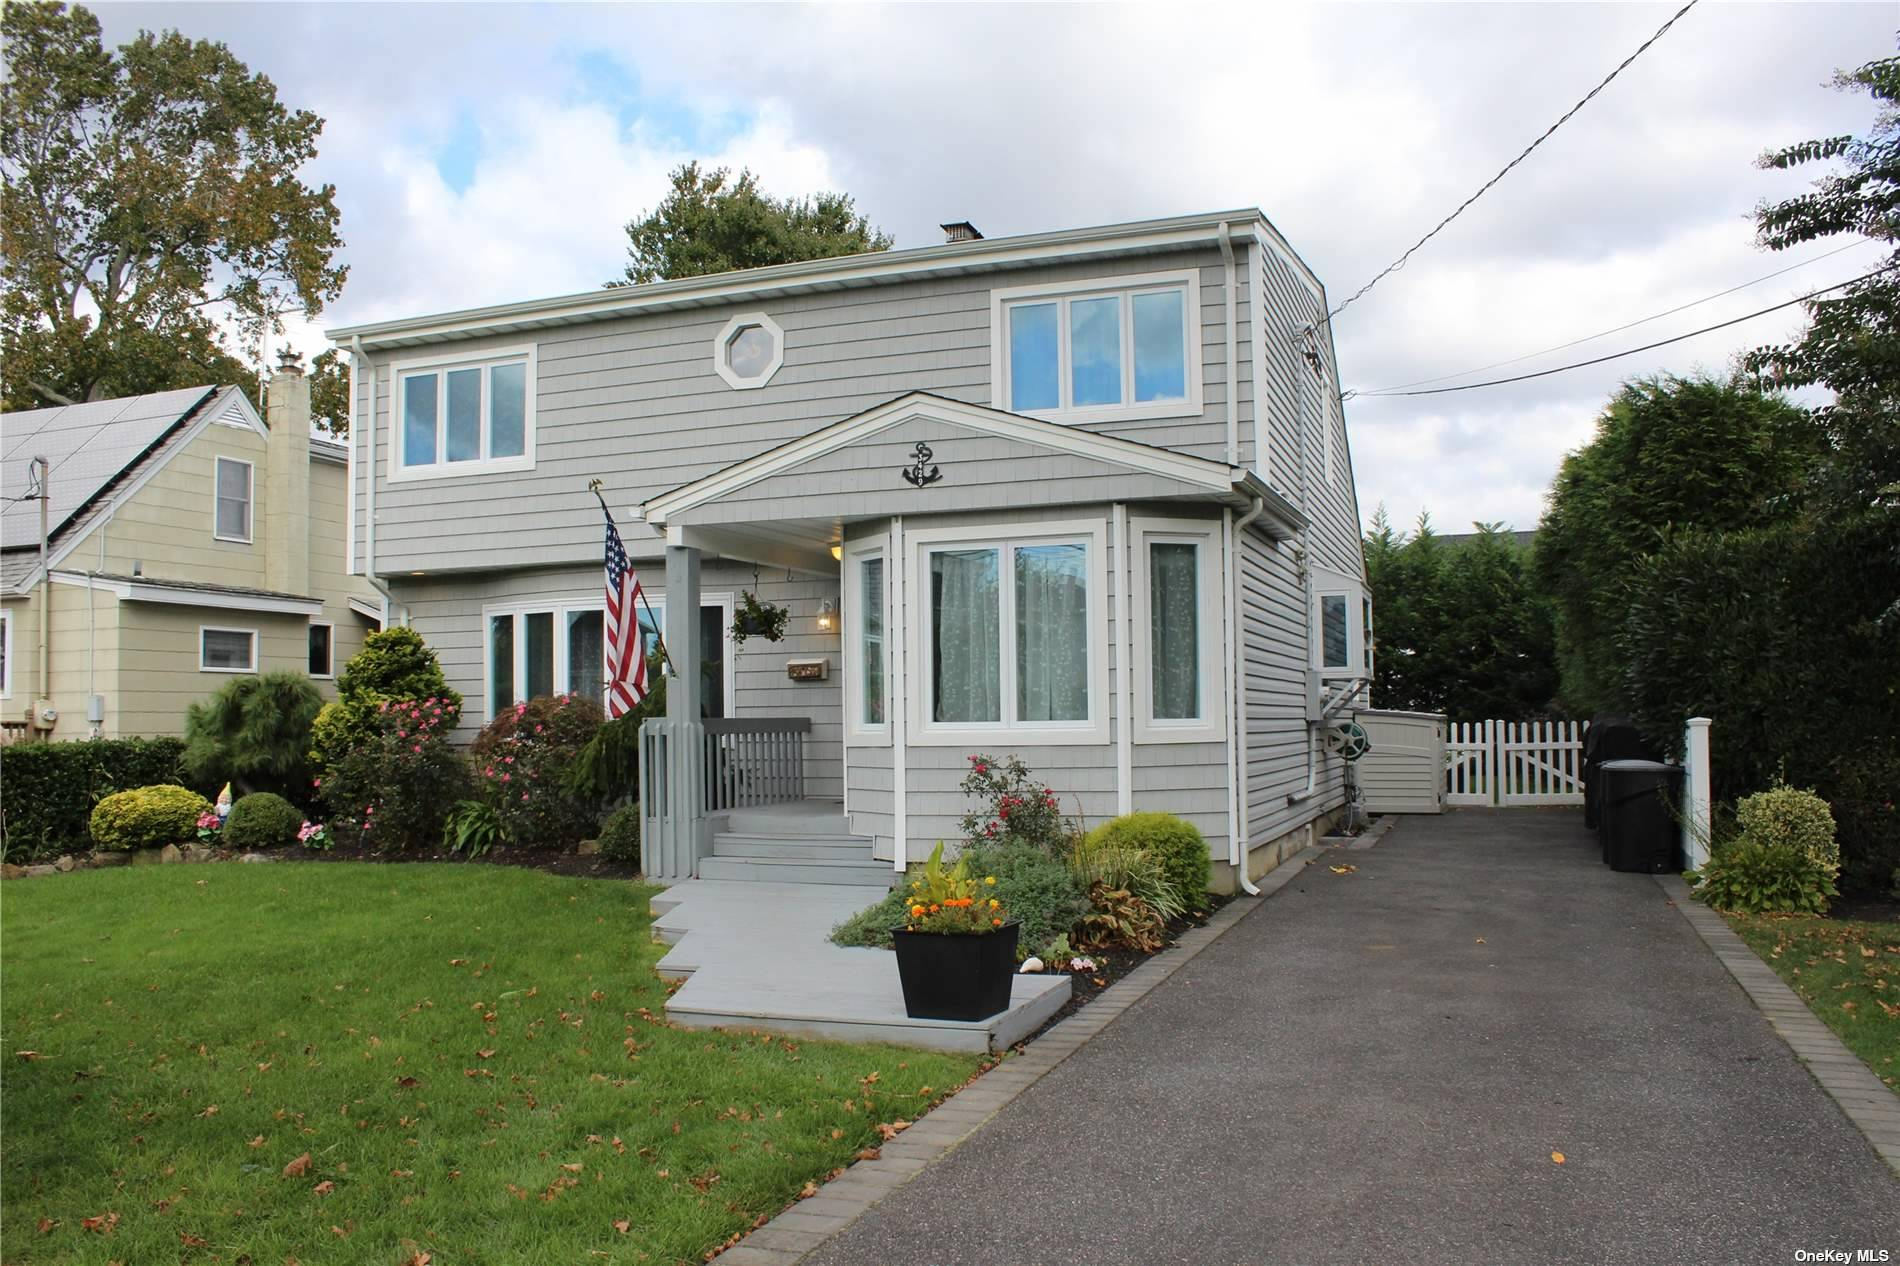 Photo of 3429 Edgerton Avenue, Wantagh, NY 11793, Wantagh, NY 11793